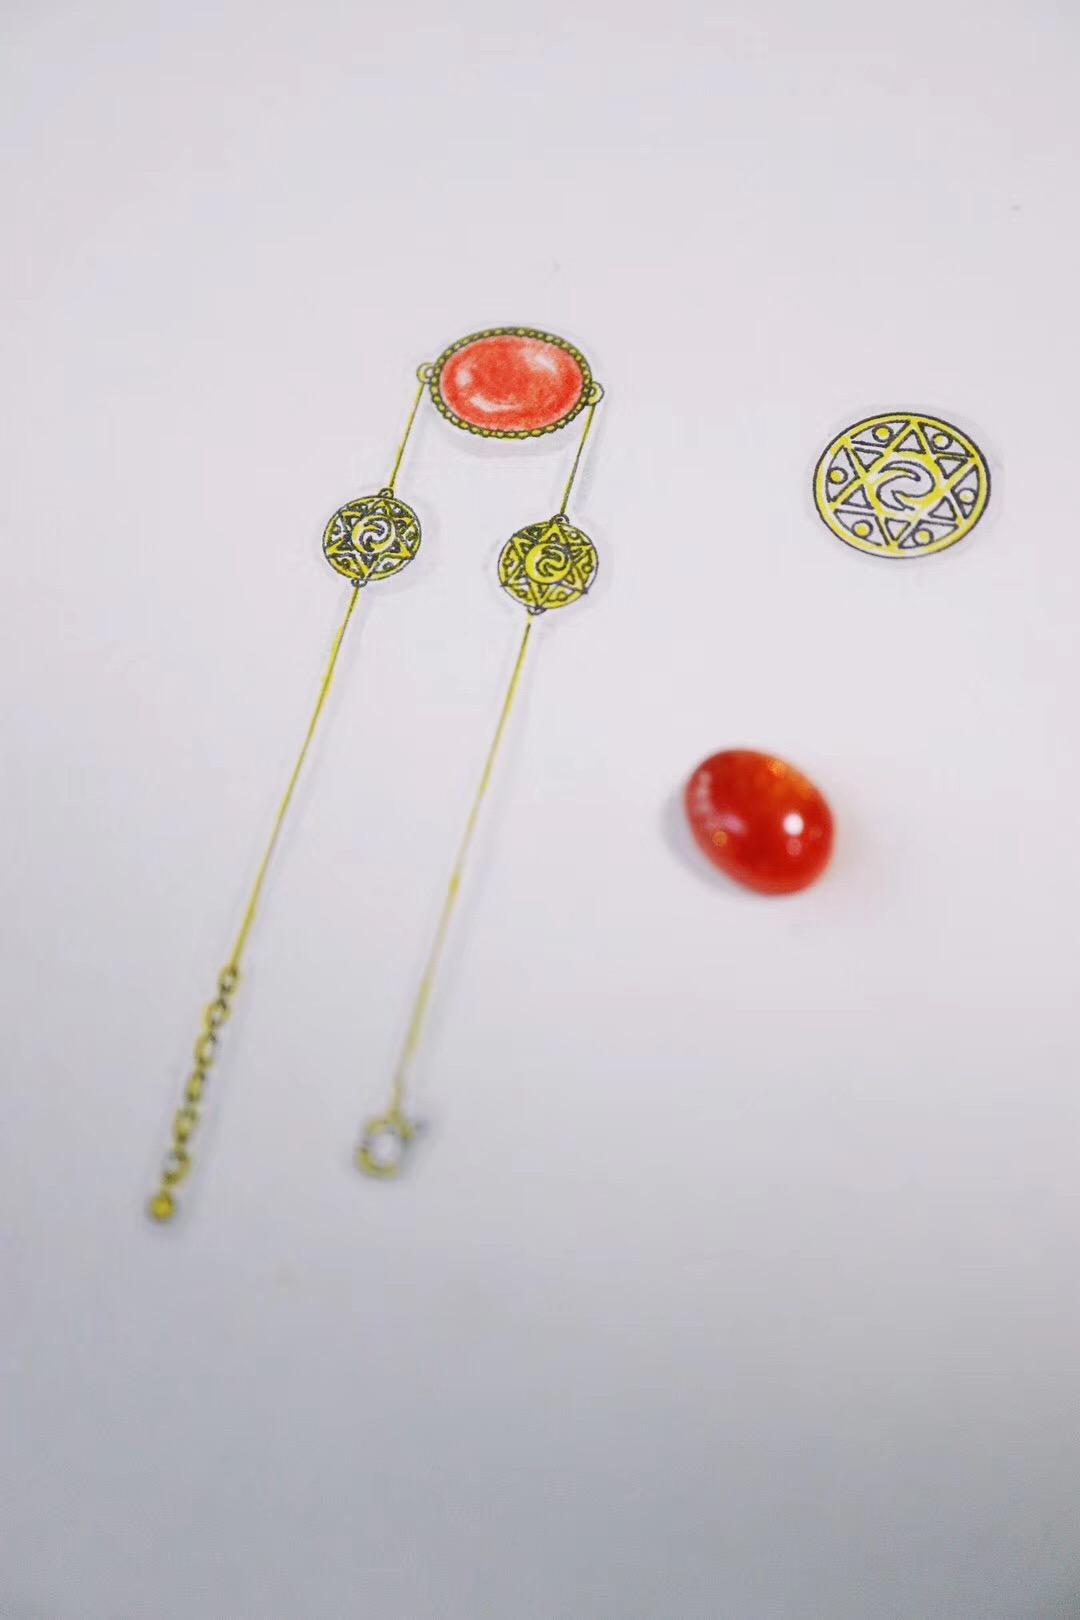 【菩心·太阳石-细链】一款颇有禅意的太阳石细链设计-菩心晶舍